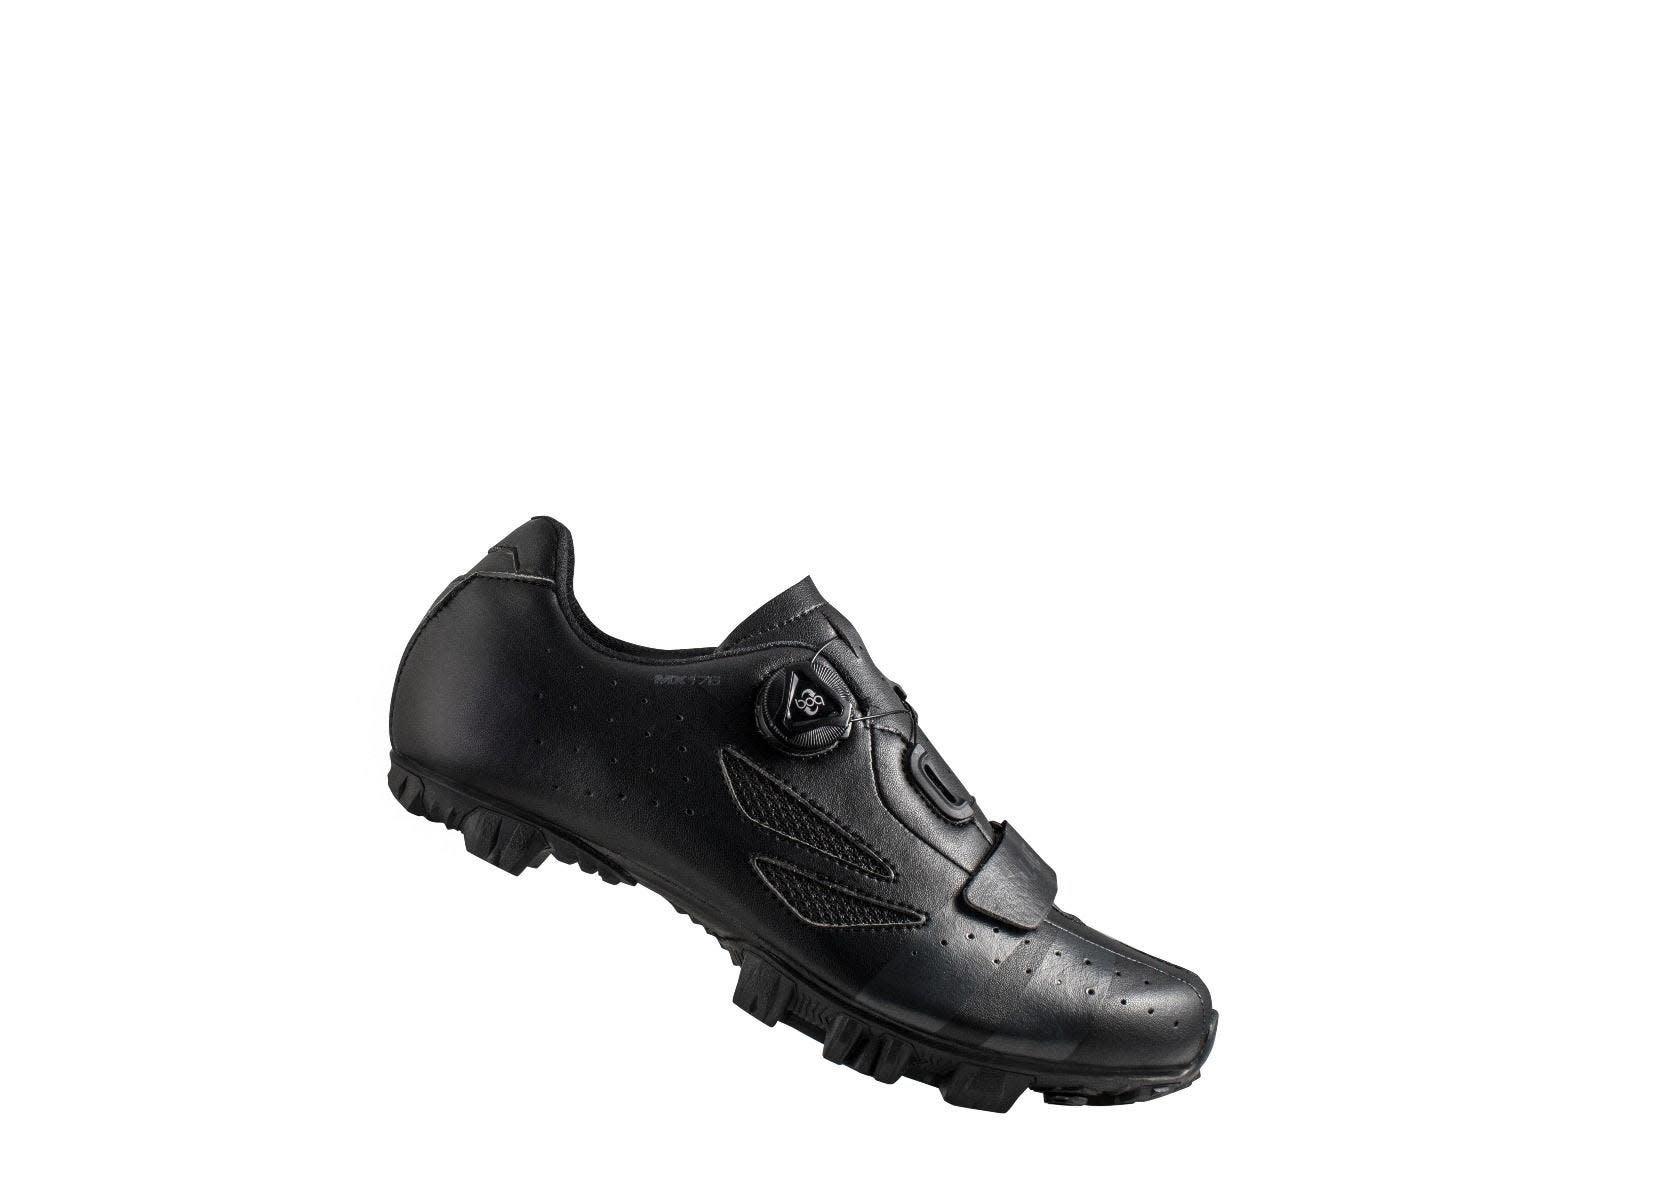 LAKE Lake MX176 MTB Shoe Black/Grey 46